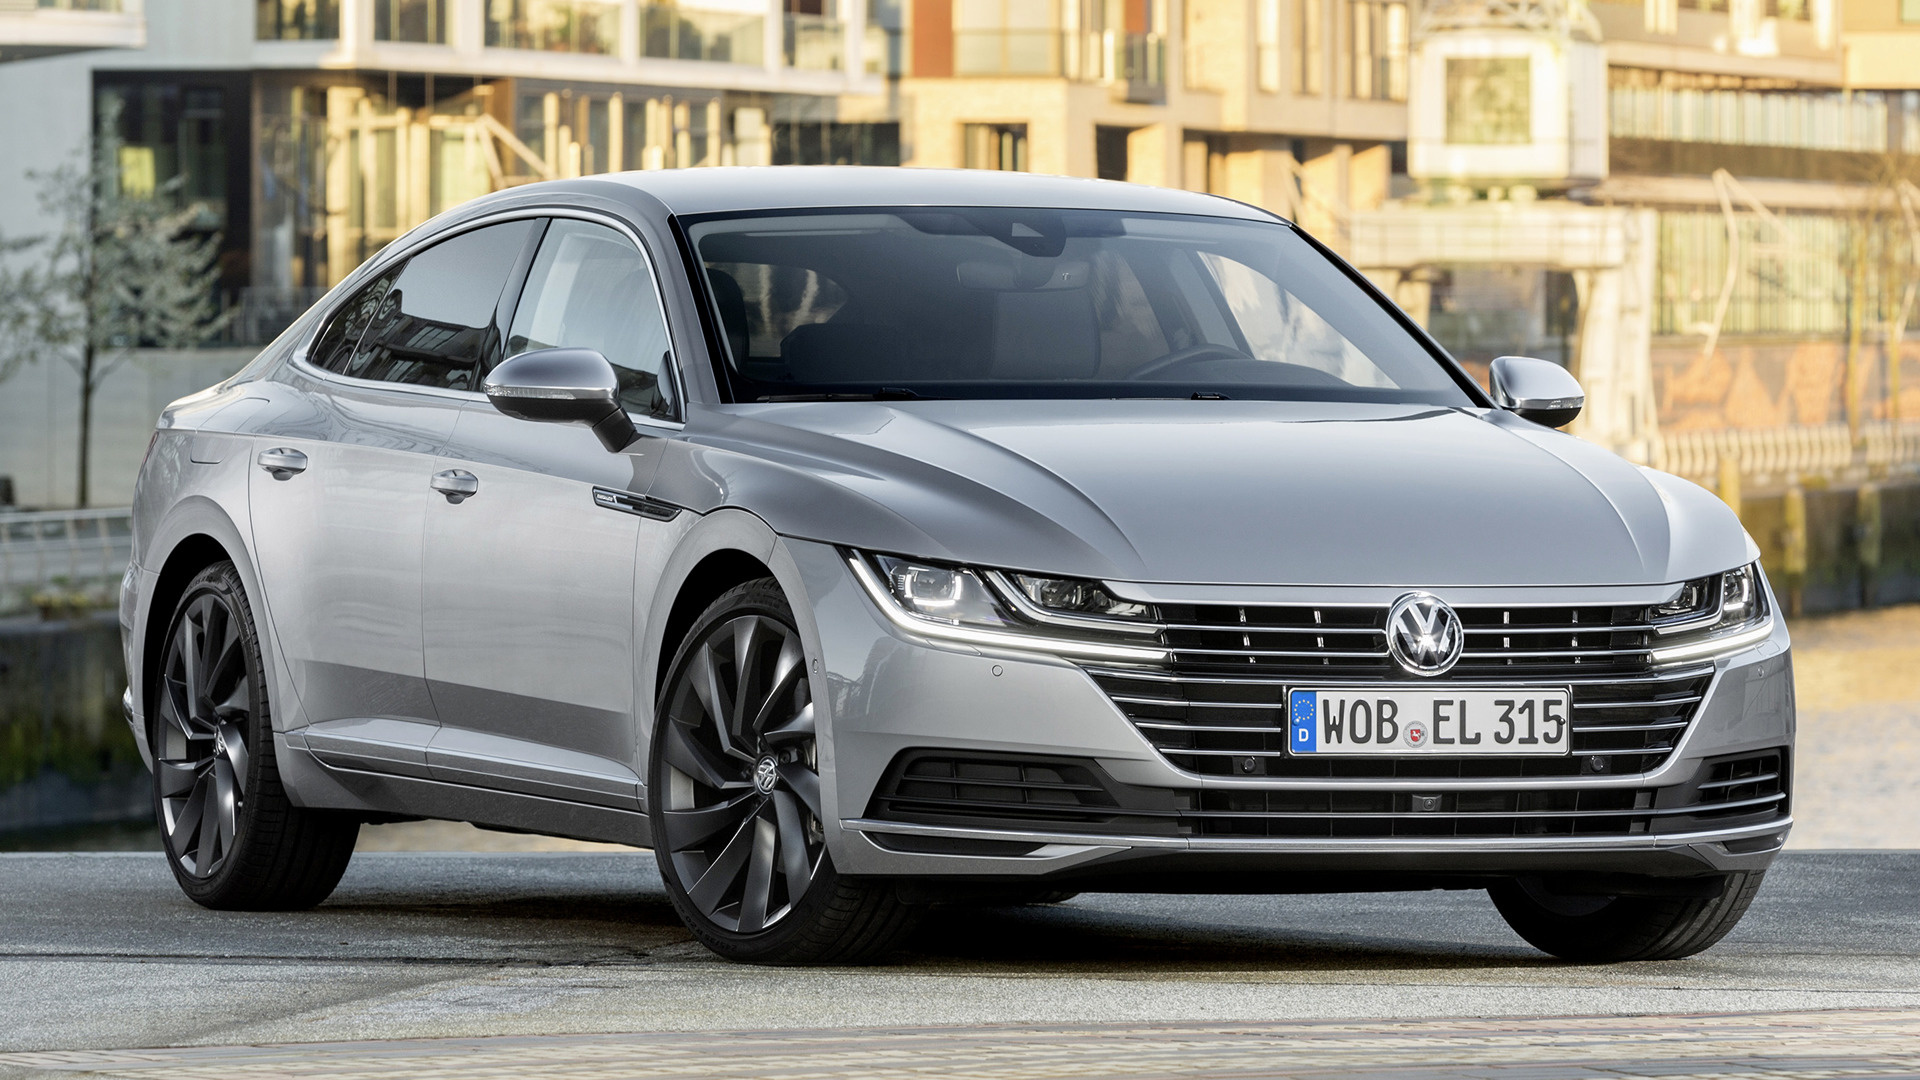 2017 Volkswagen Arteon Wallpapers And Hd Images Car Pixel